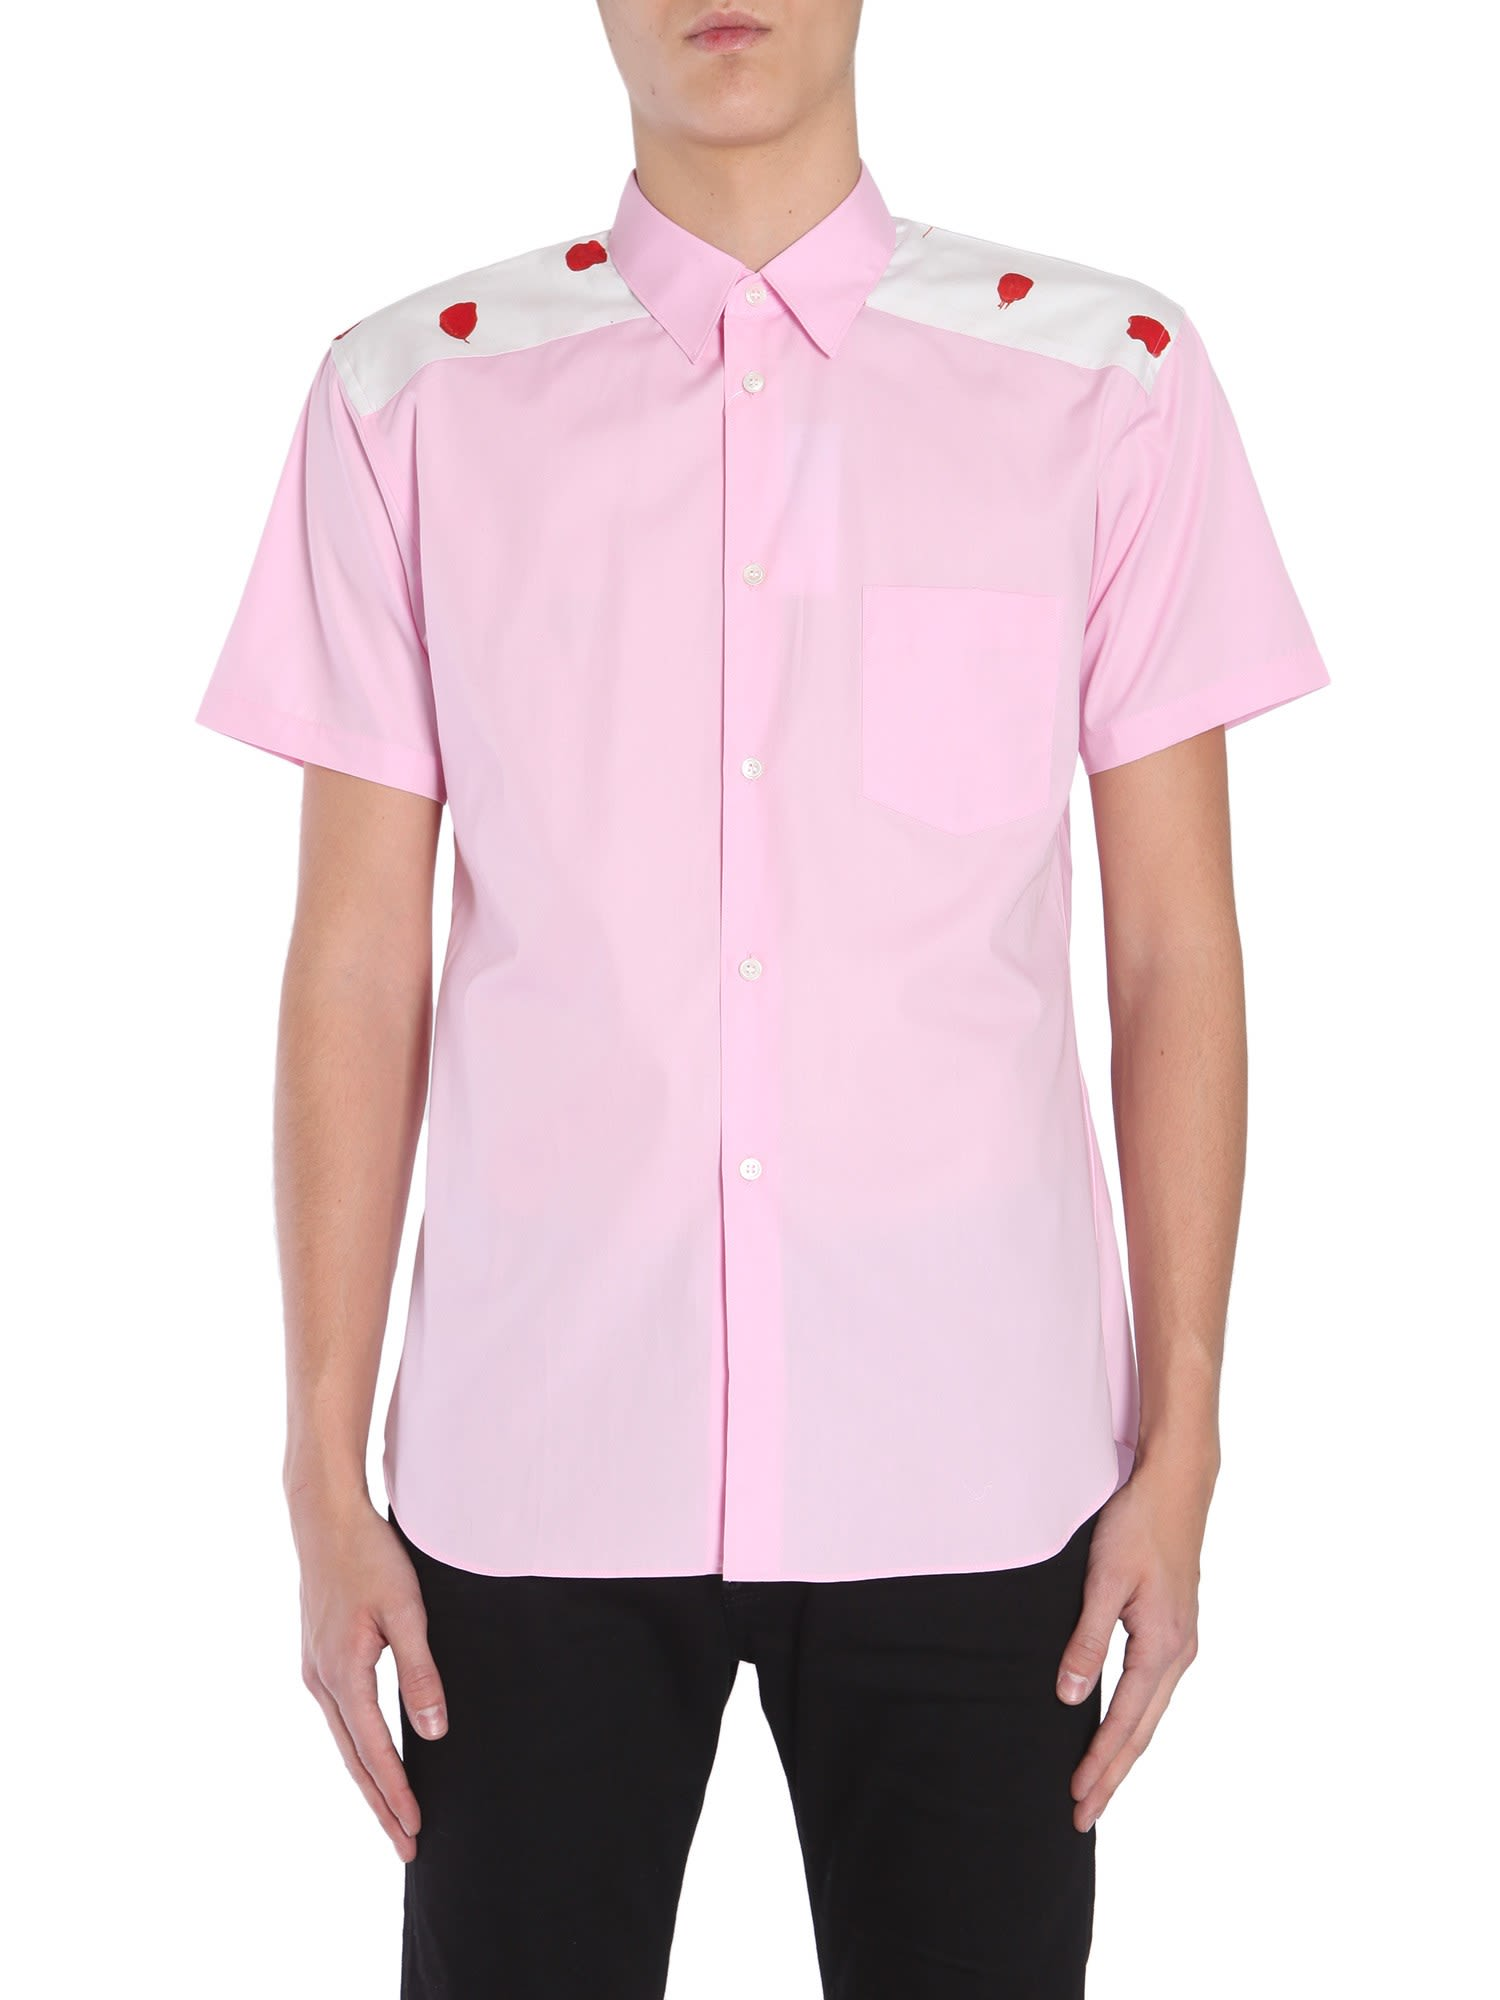 comme des garçons shirt -  Cotton Poplin Shirt